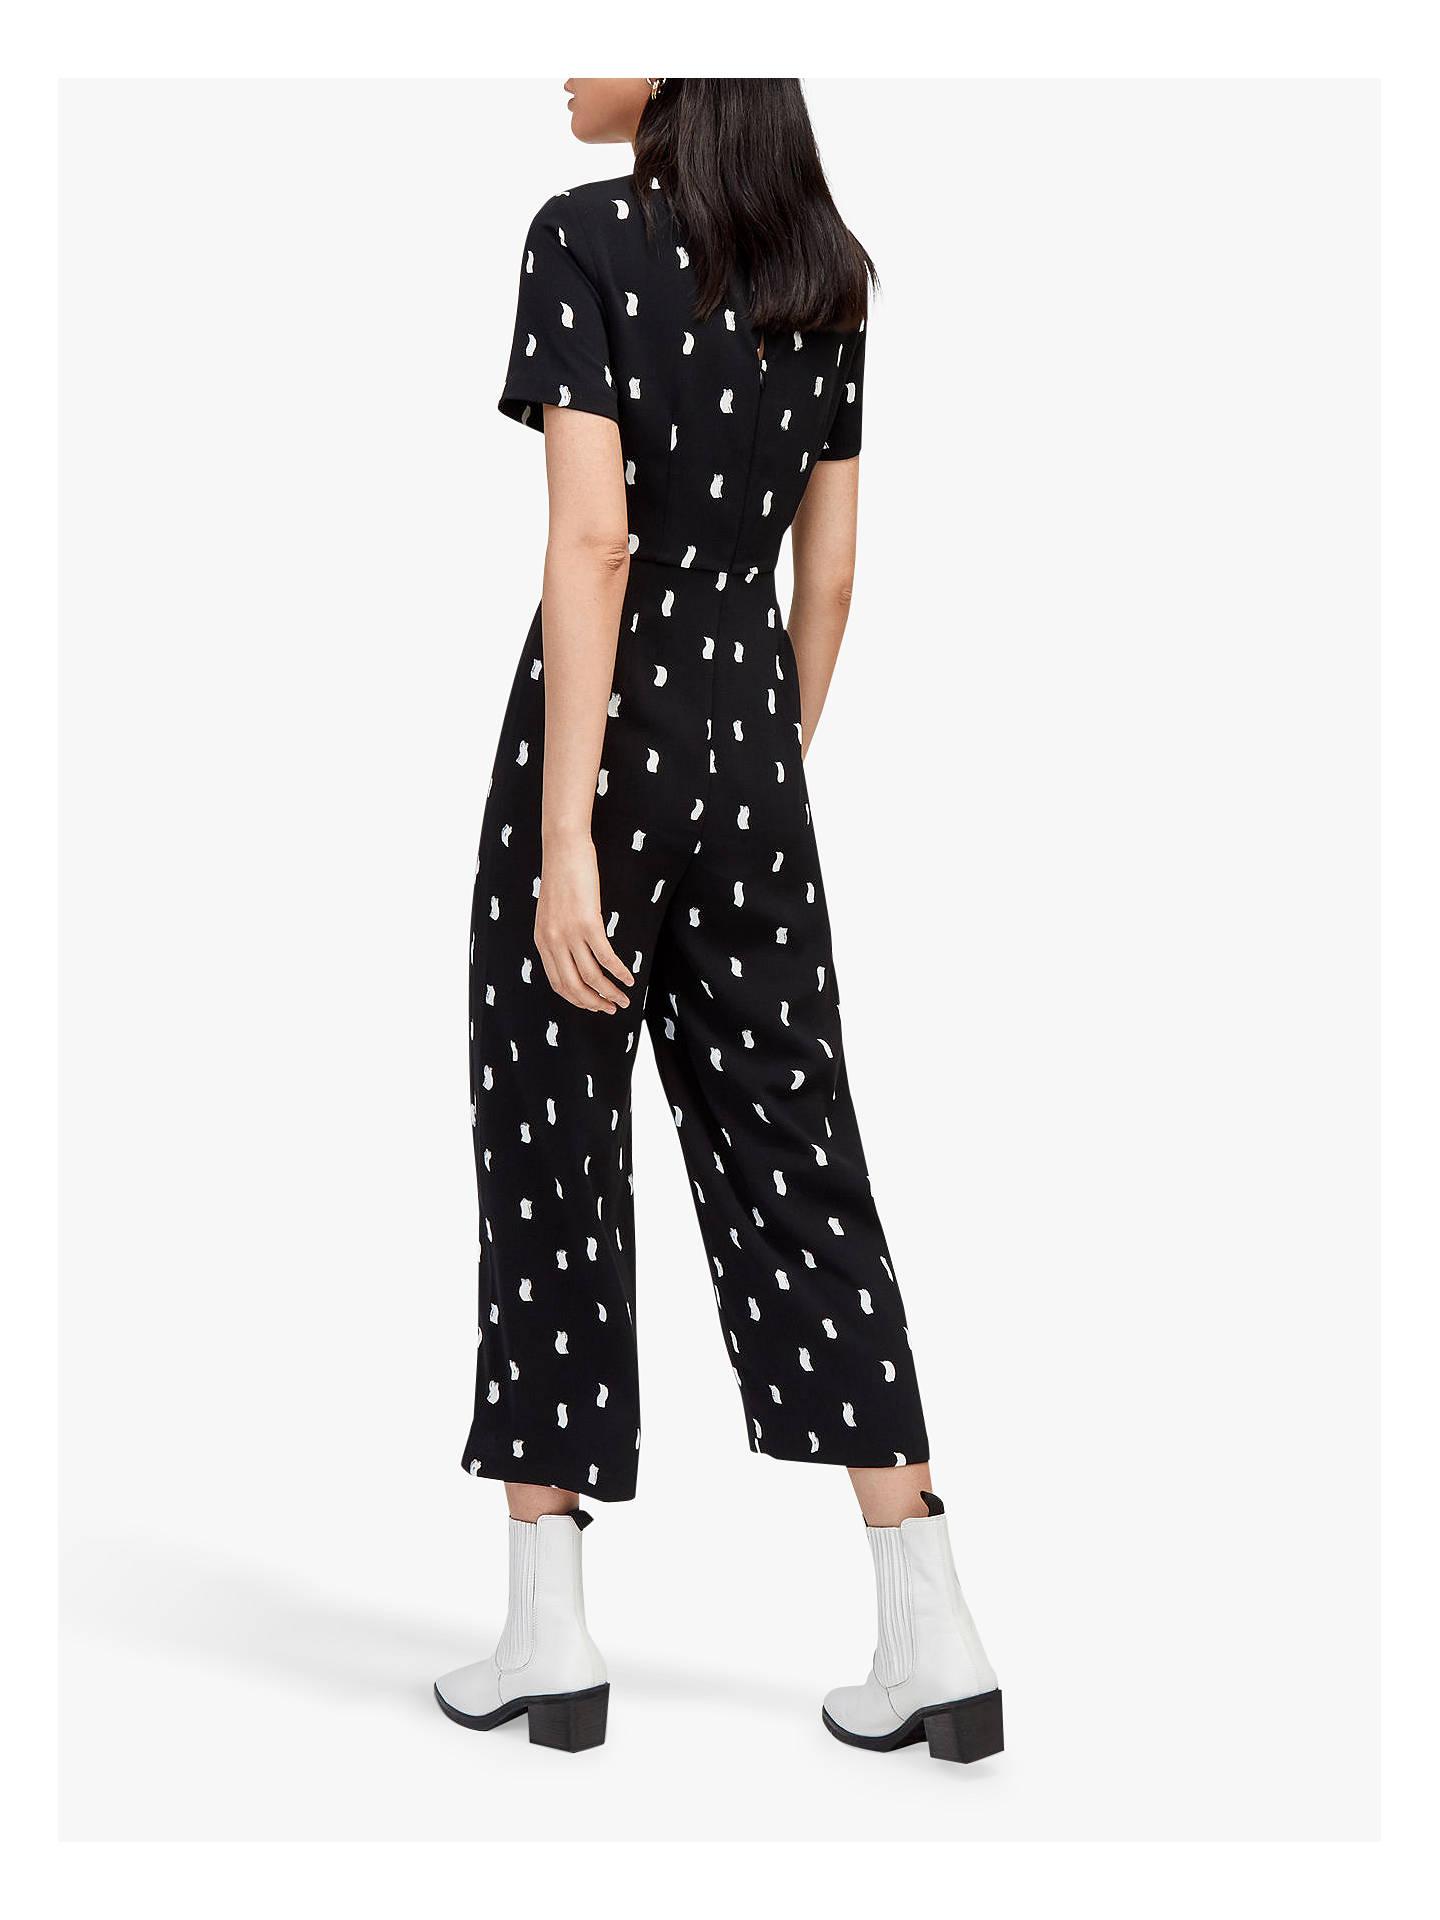 2b65989f85 ... Buy Warehouse Brushstroke Culotte Jumpsuit